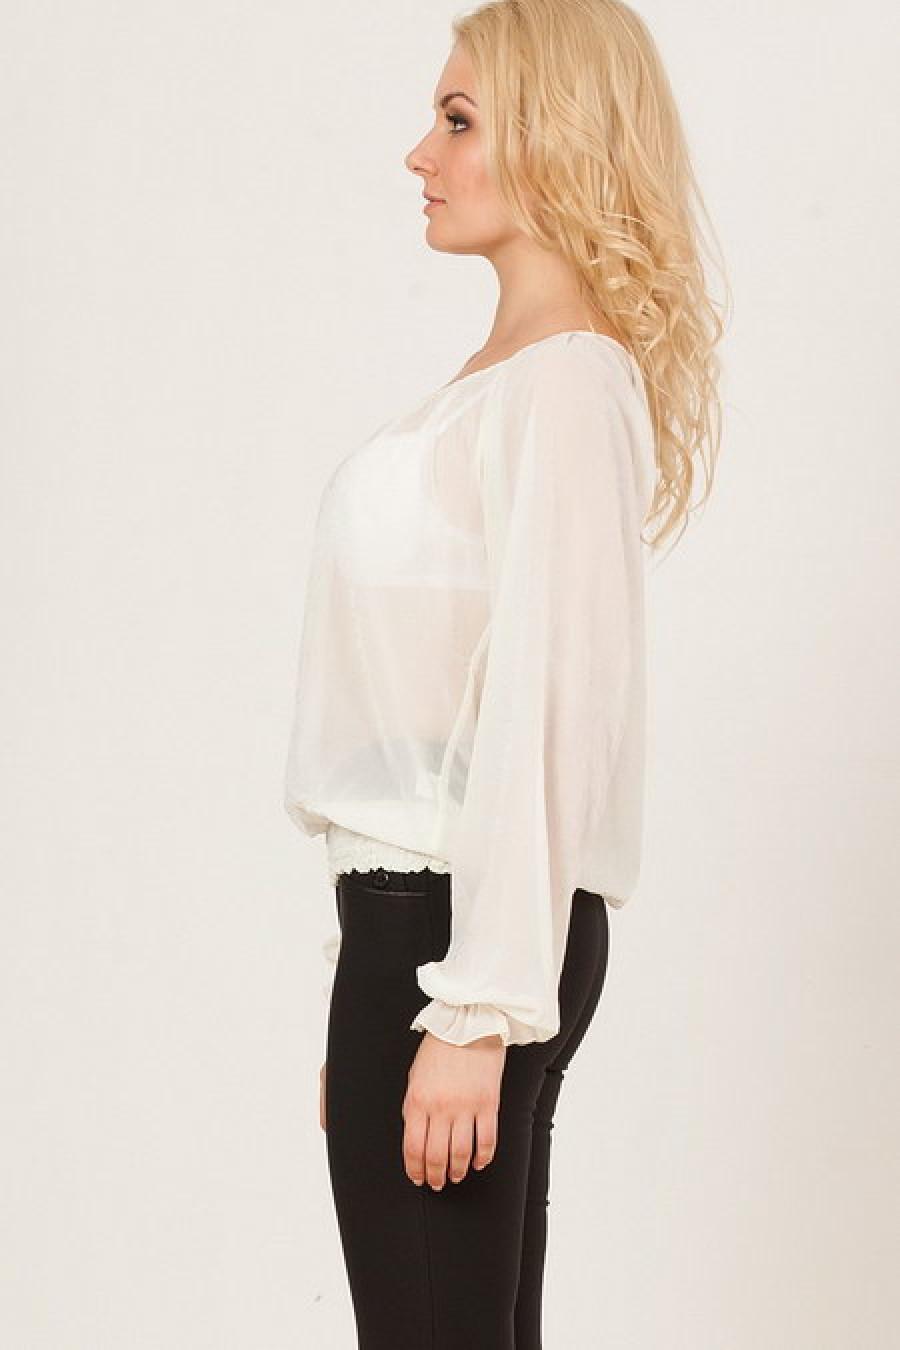 Блузка Белая Купить В Новосибирске